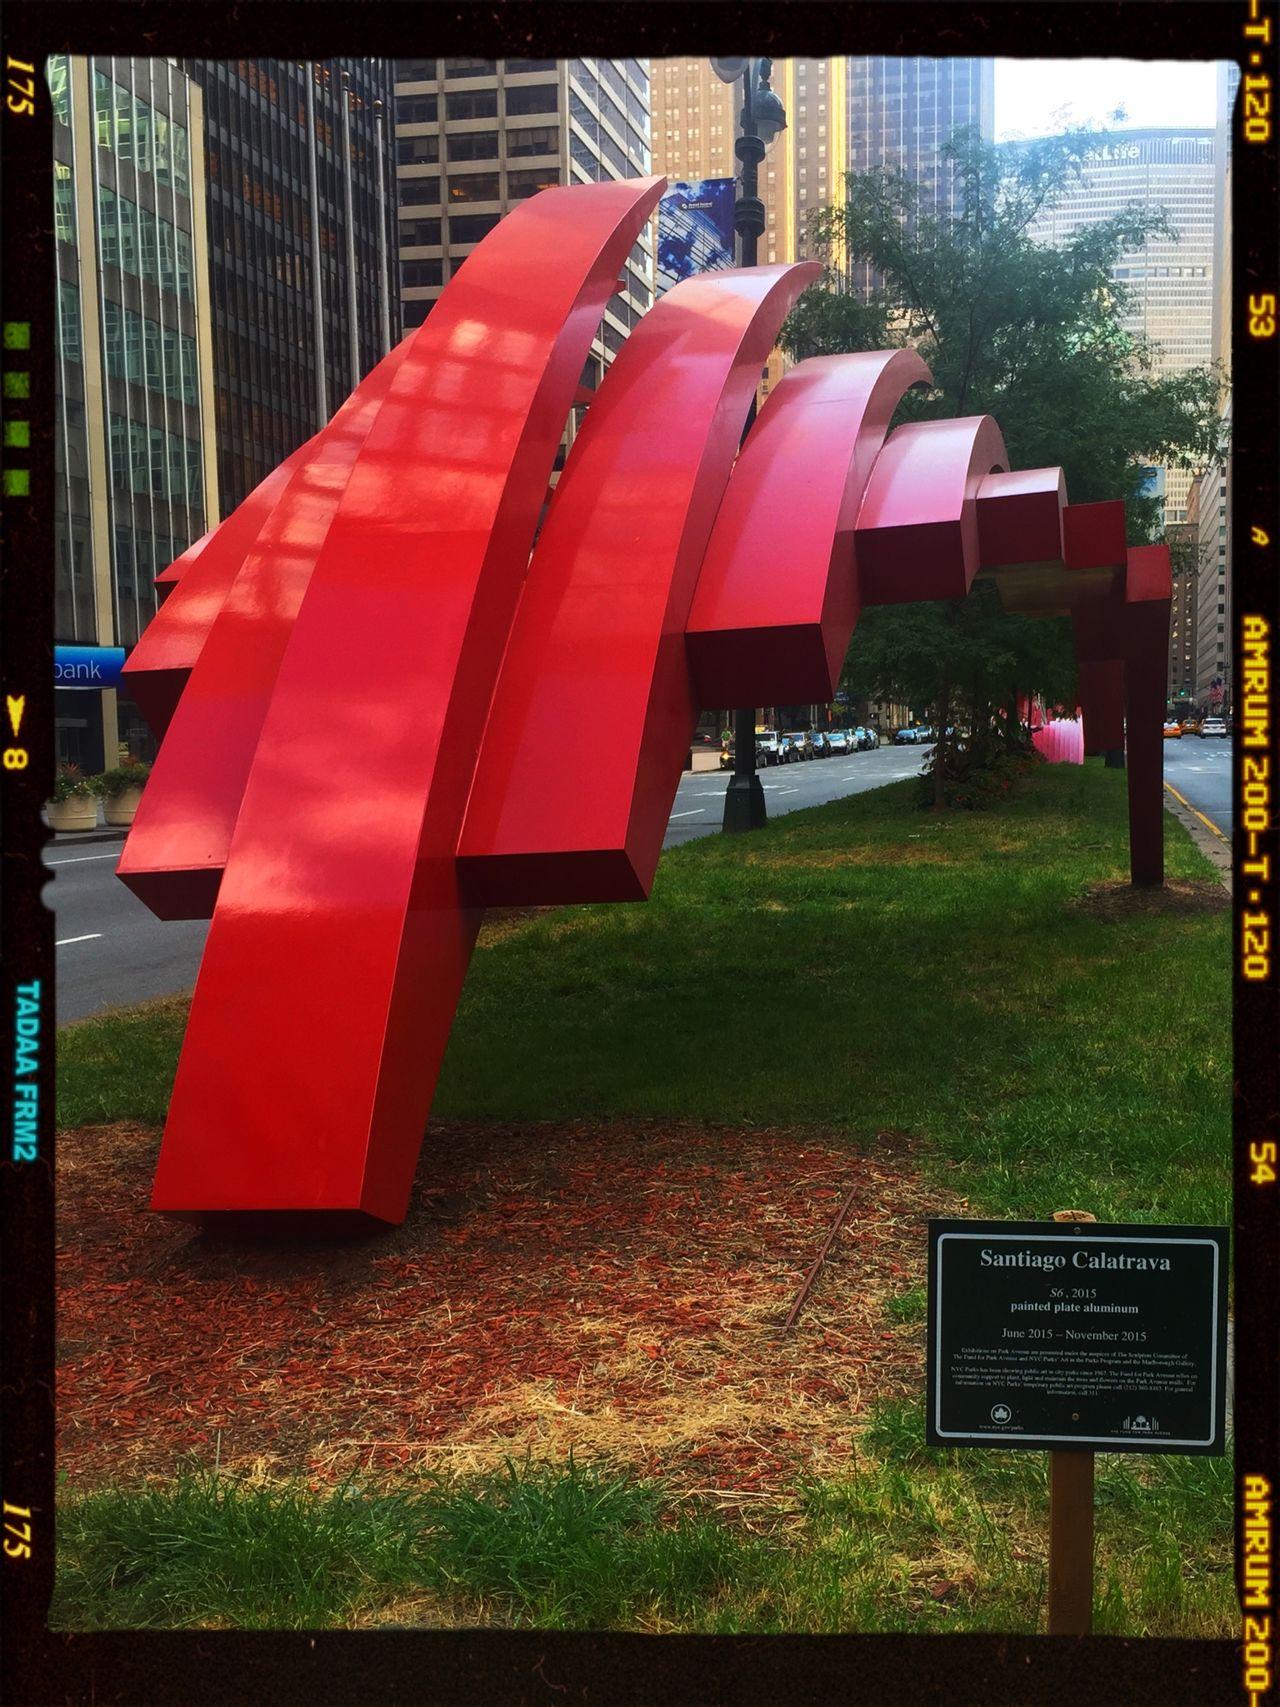 nyc sculpture Taking Photos Tadaa Community Tadaa Walking Around Urban Lifestyle Art